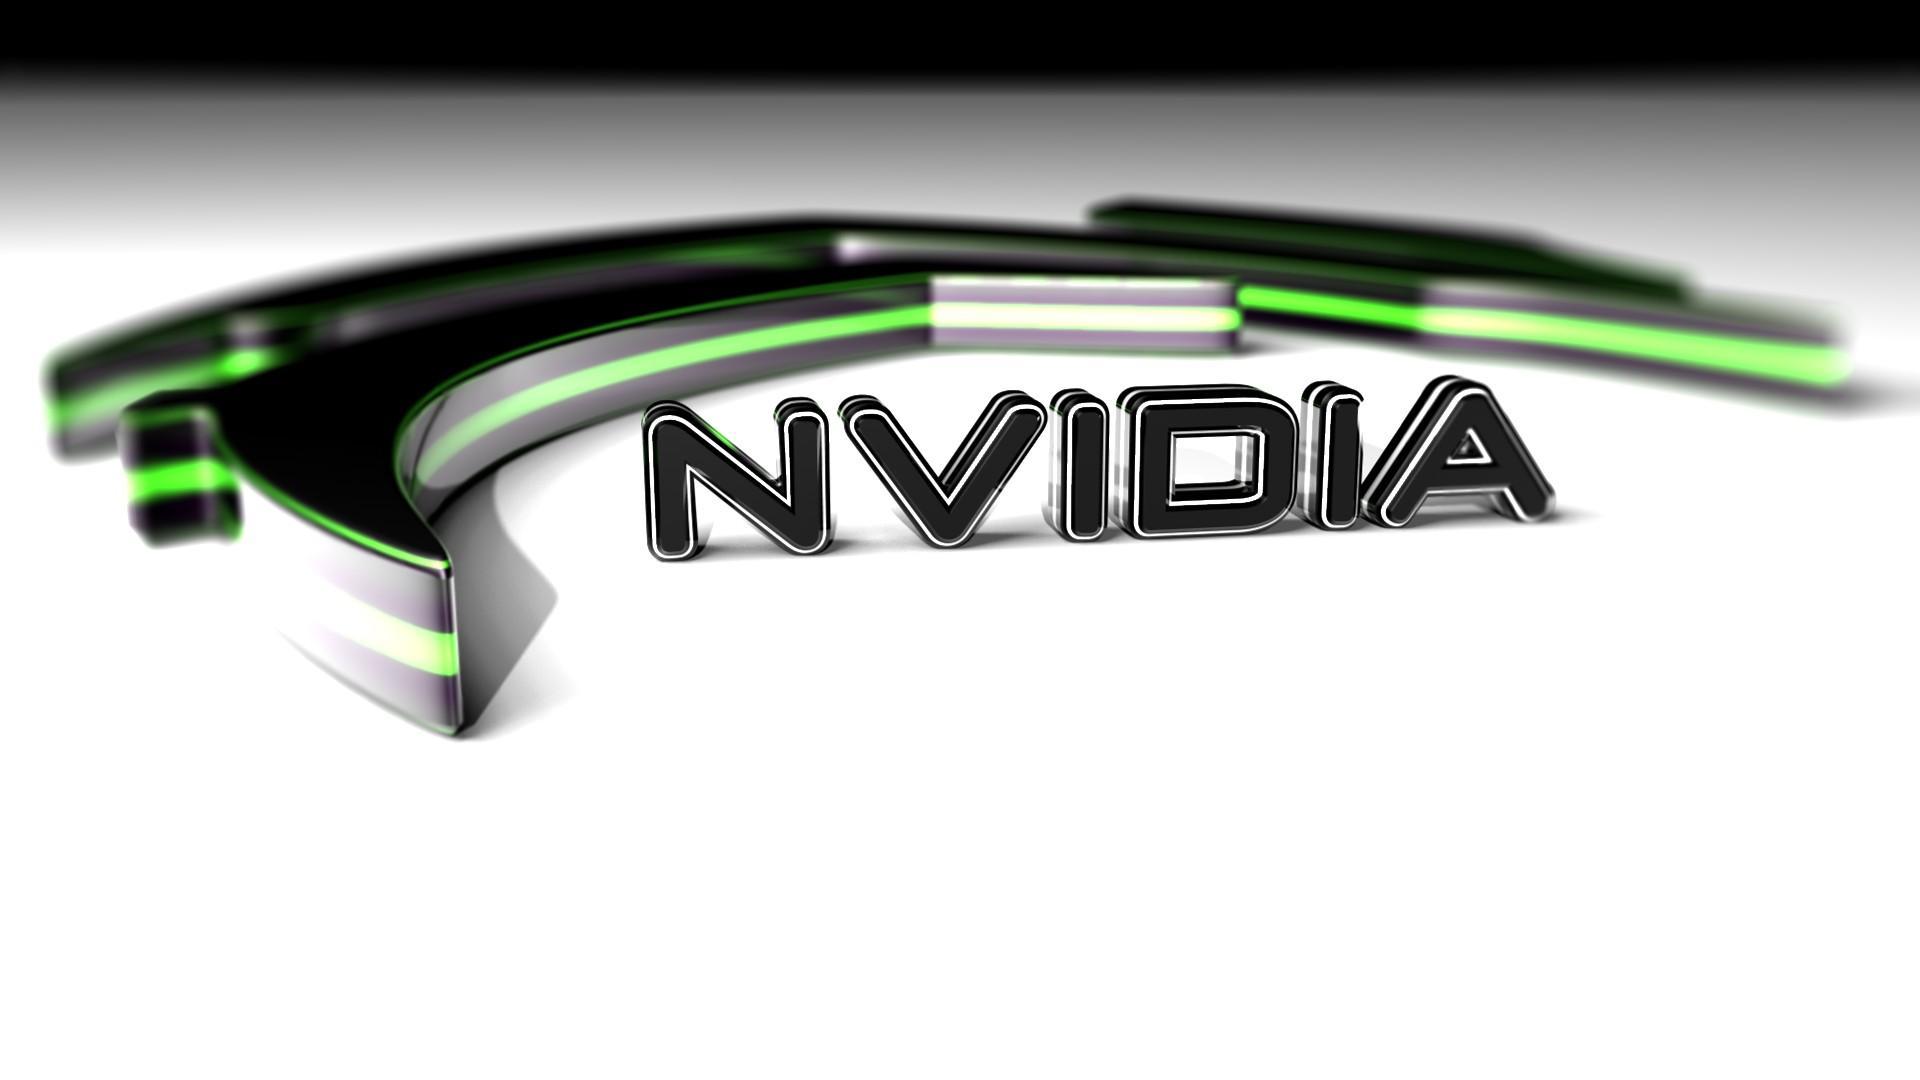 Где и как скачать драйвера для видеокарты Nvidia?